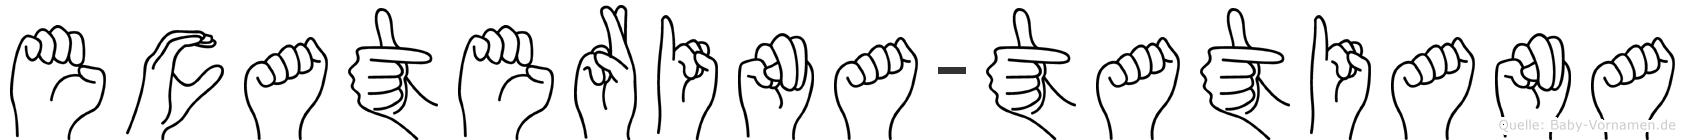 Ecaterina-Tatiana im Fingeralphabet der Deutschen Gebärdensprache